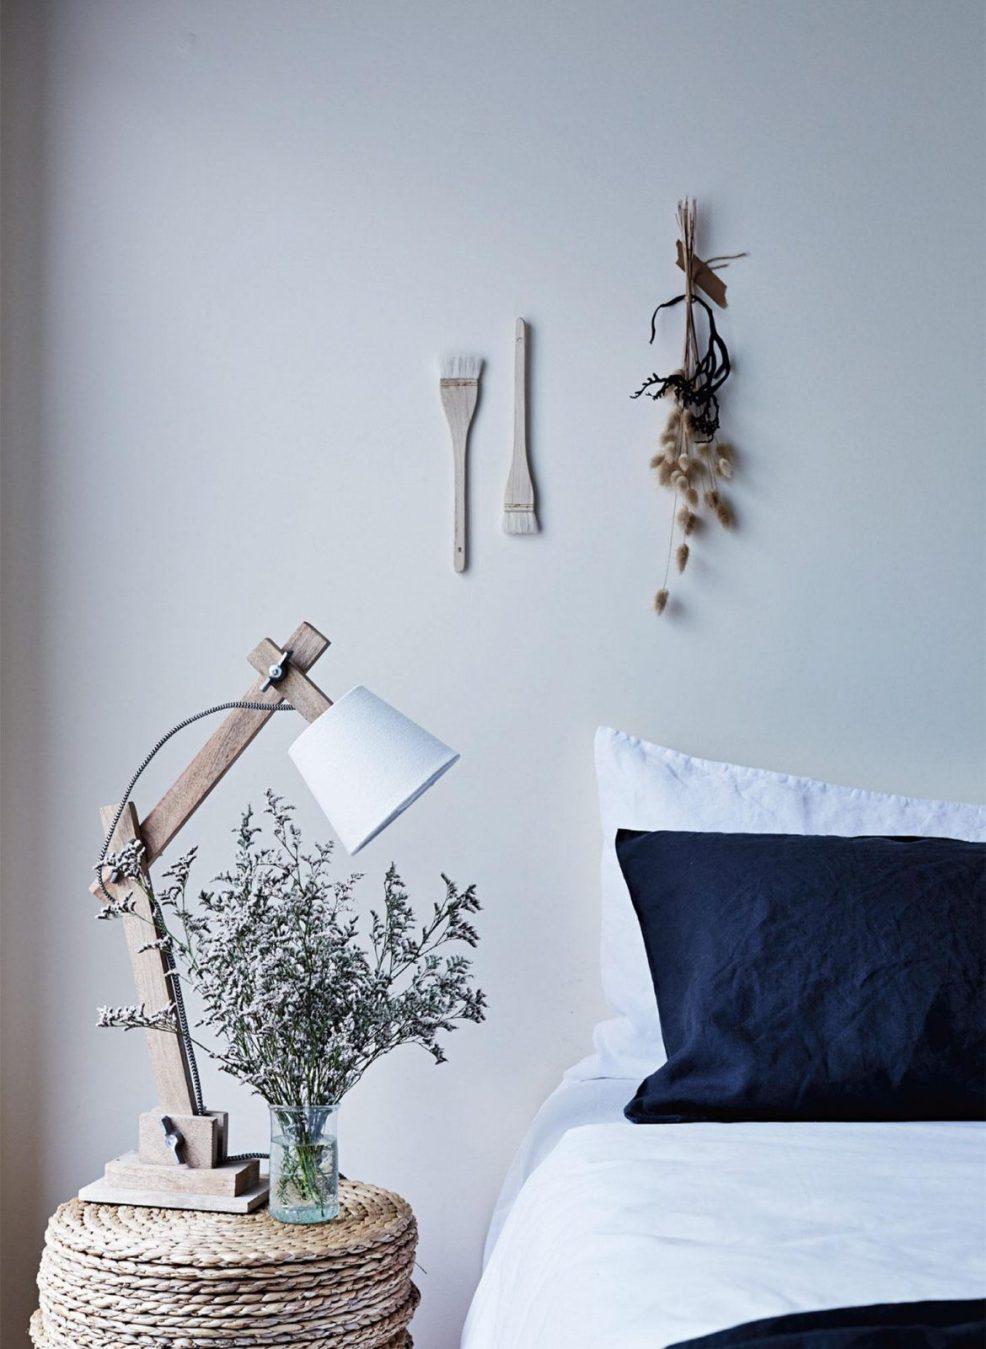 Une chambre à la décoration bord de mer, avec ses meubles en rotin et en bois brut. Retrouvez toutes les images de cet intérieur inspirant dans l'article.